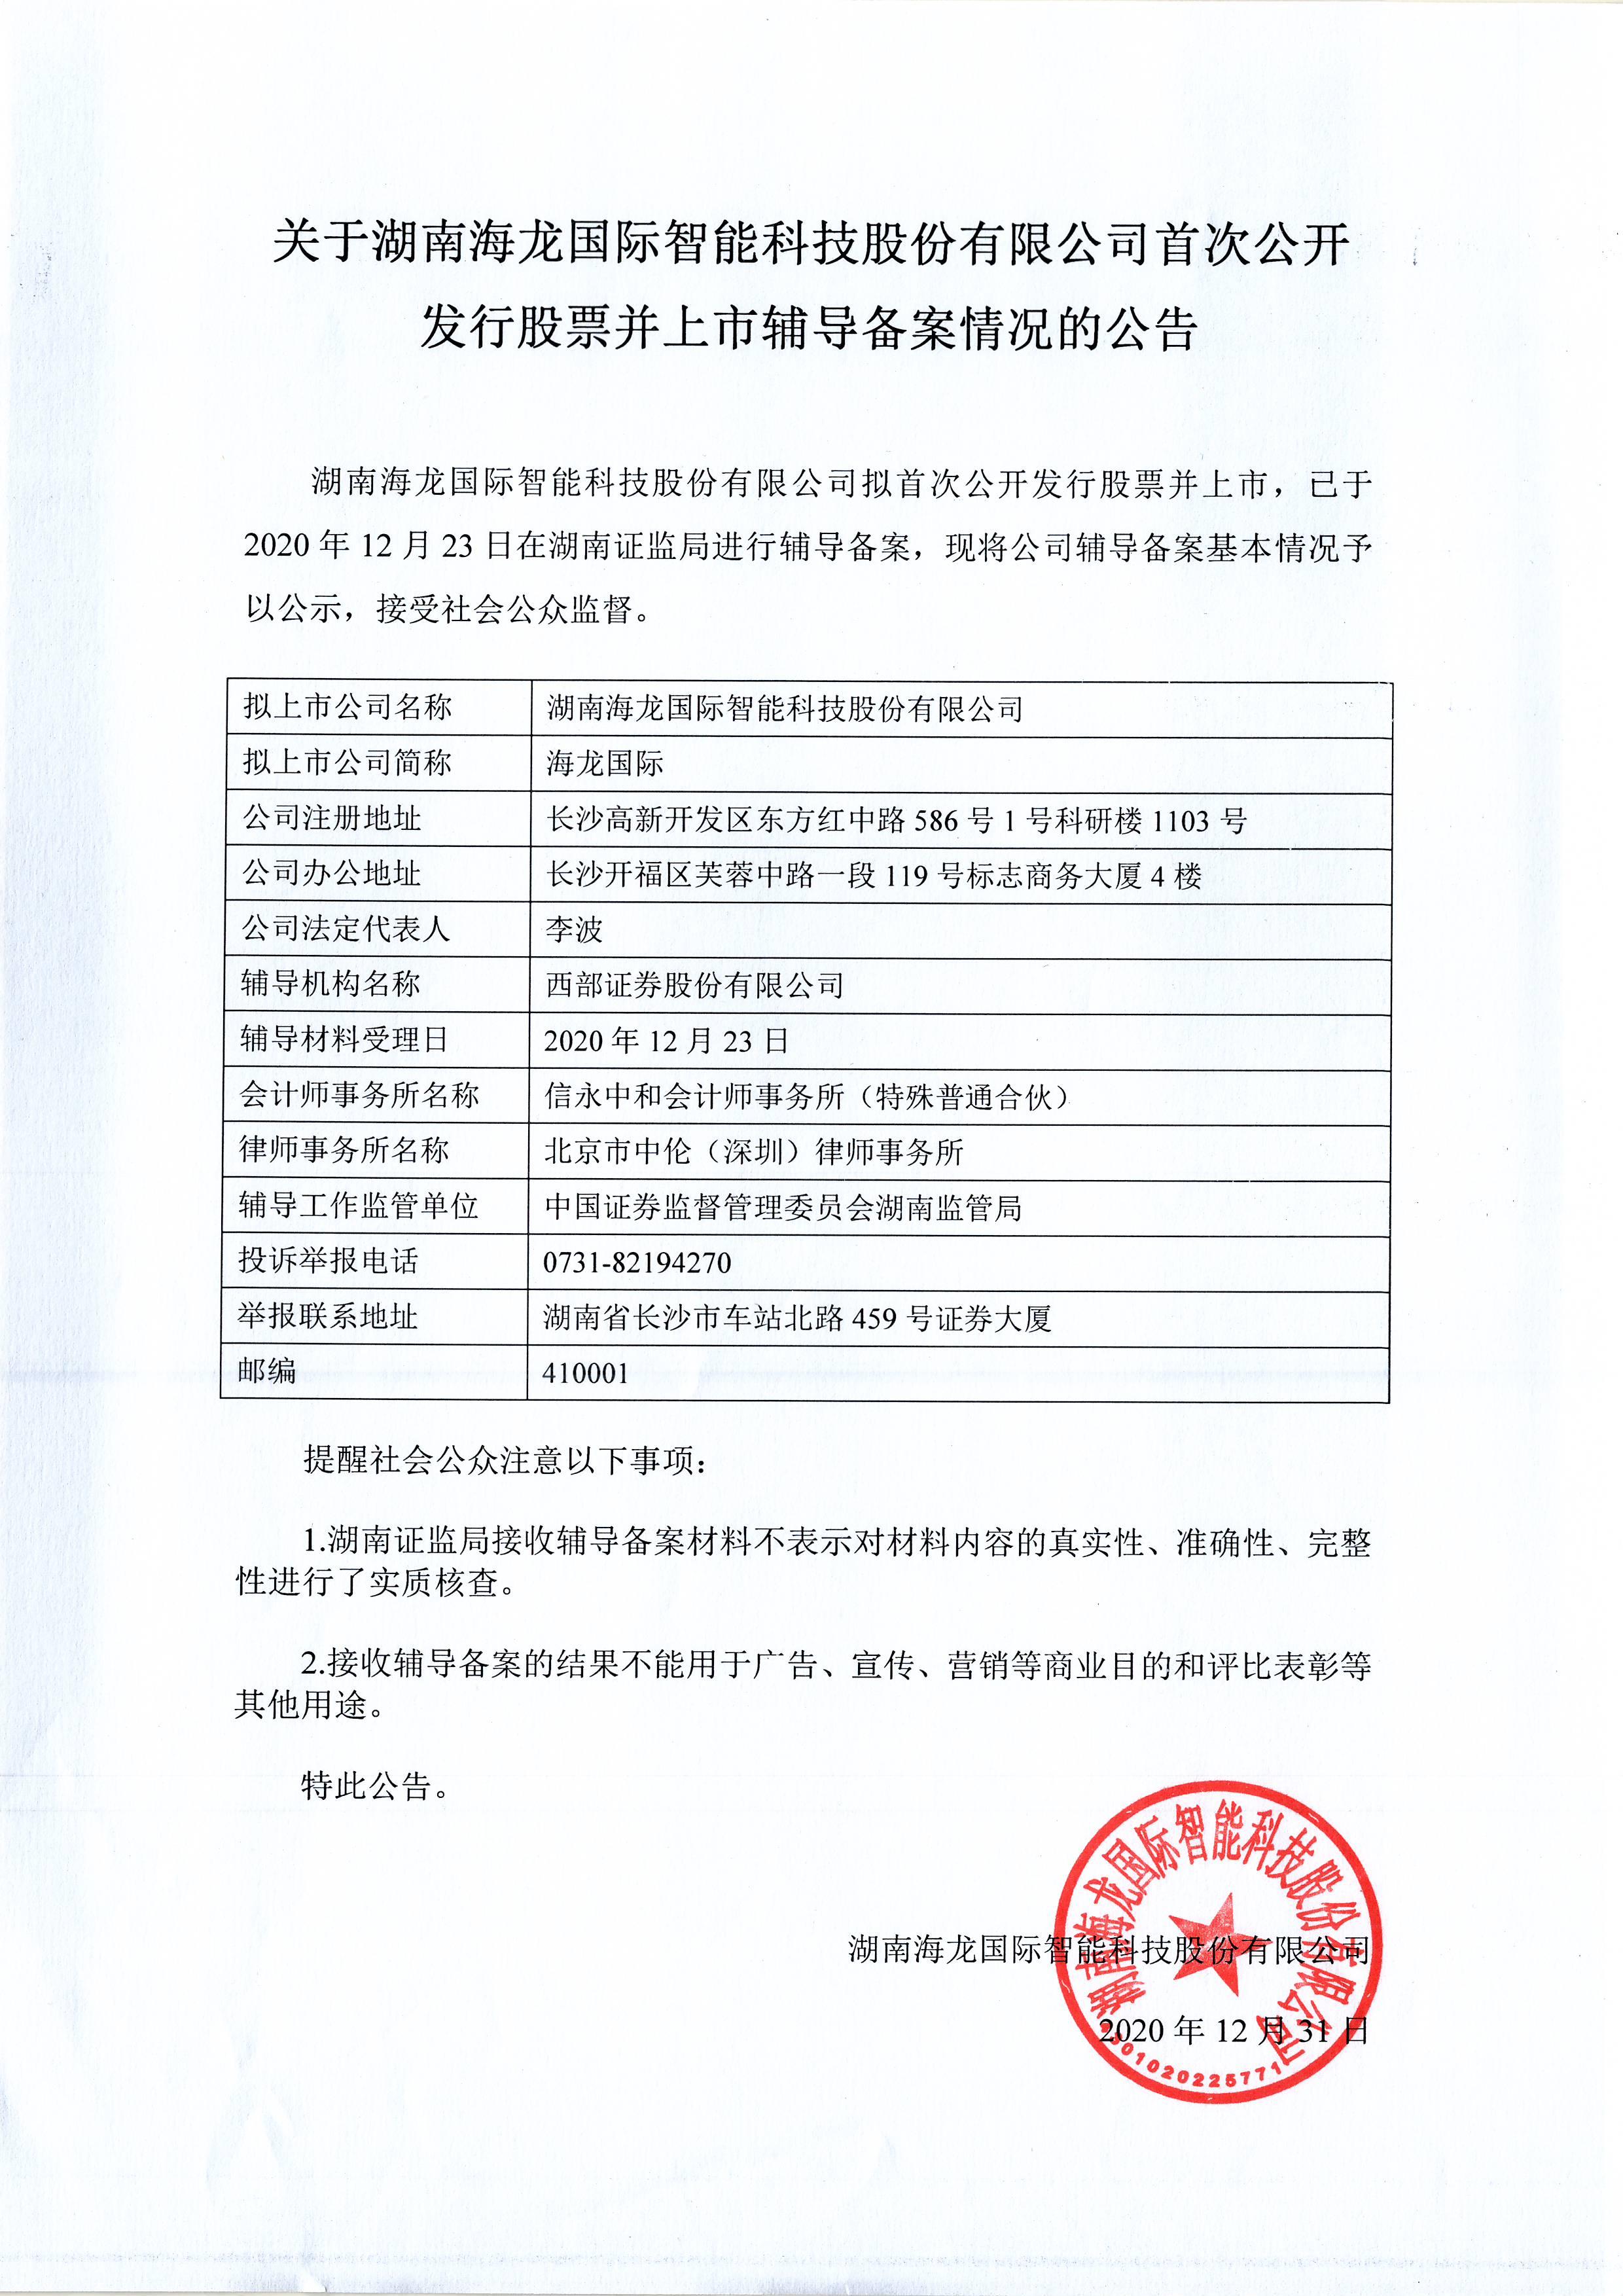 关于湖南海龙国际智能科技股份有限公司首次公开 发行股票并上市辅导备案情况的公告